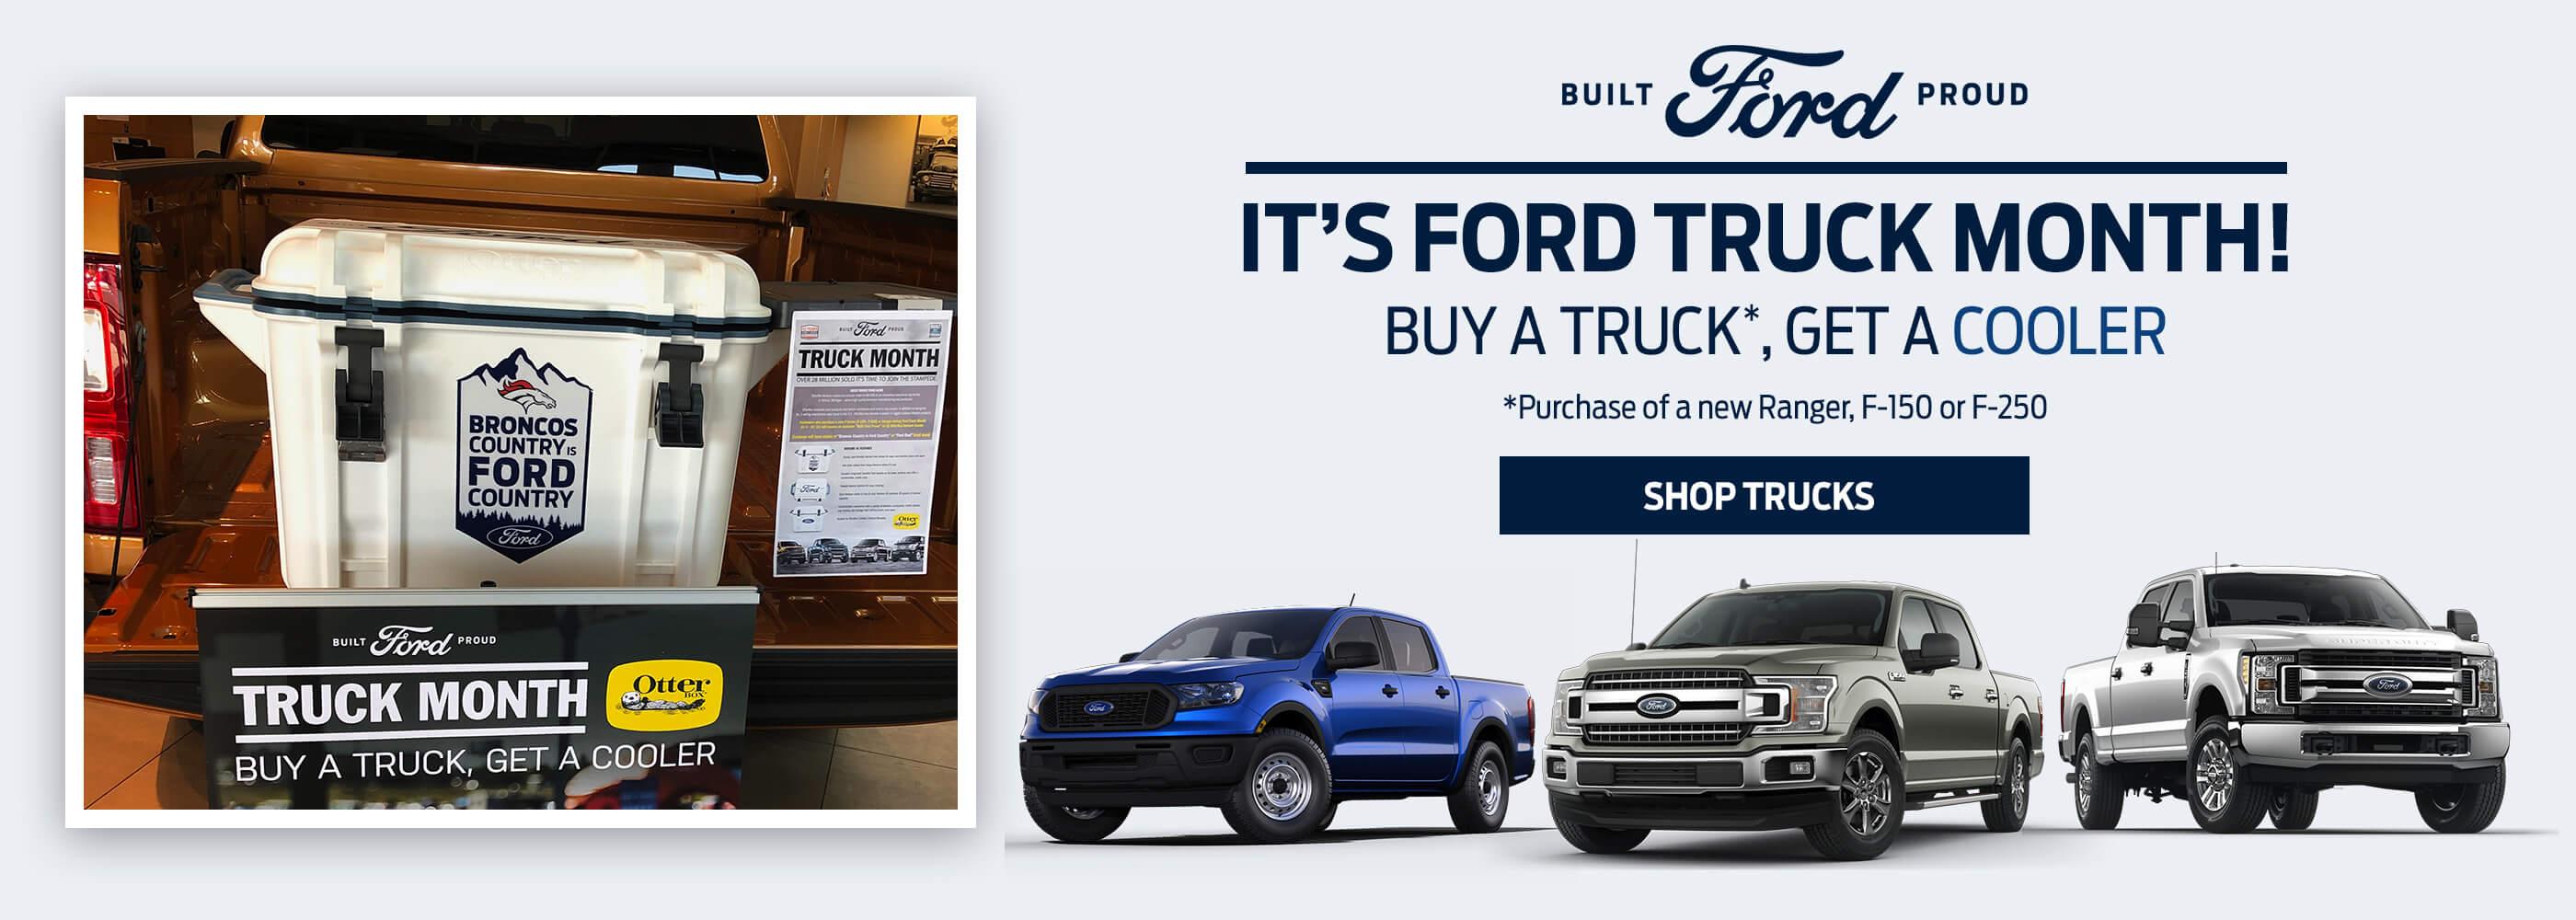 Buy A Truck Get A Cooler 1